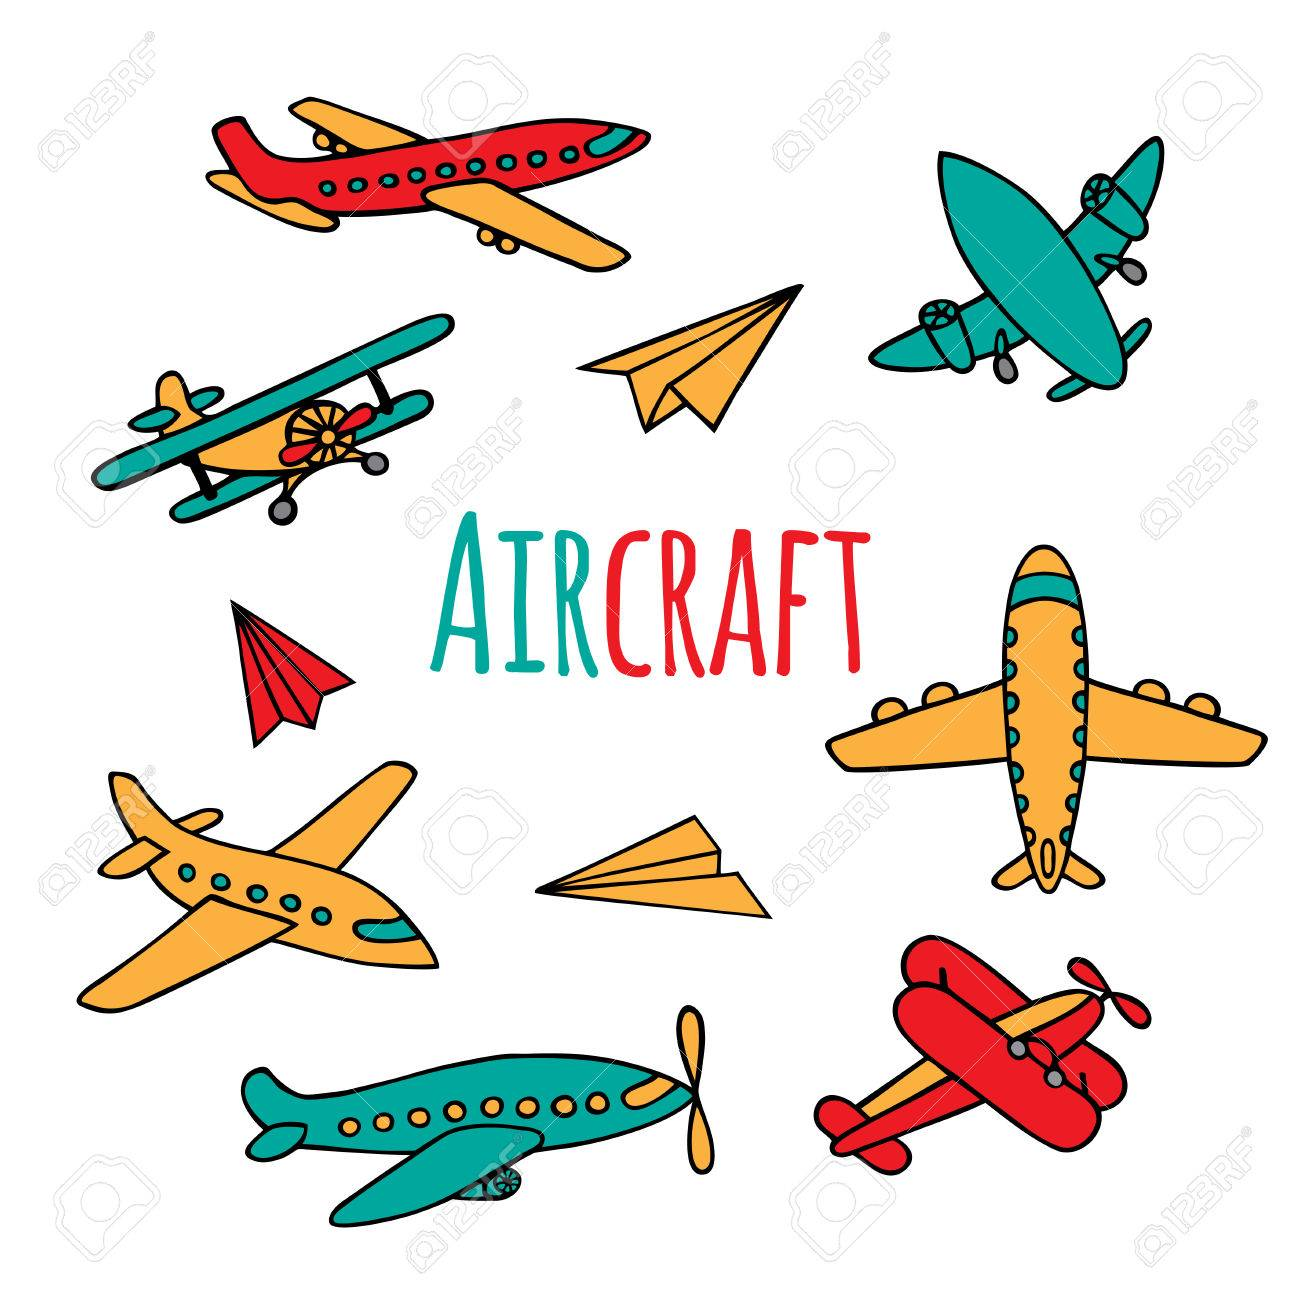 Conjunto De Aviones. Colores Brillantes De Aviones En Doodle Estilo ...